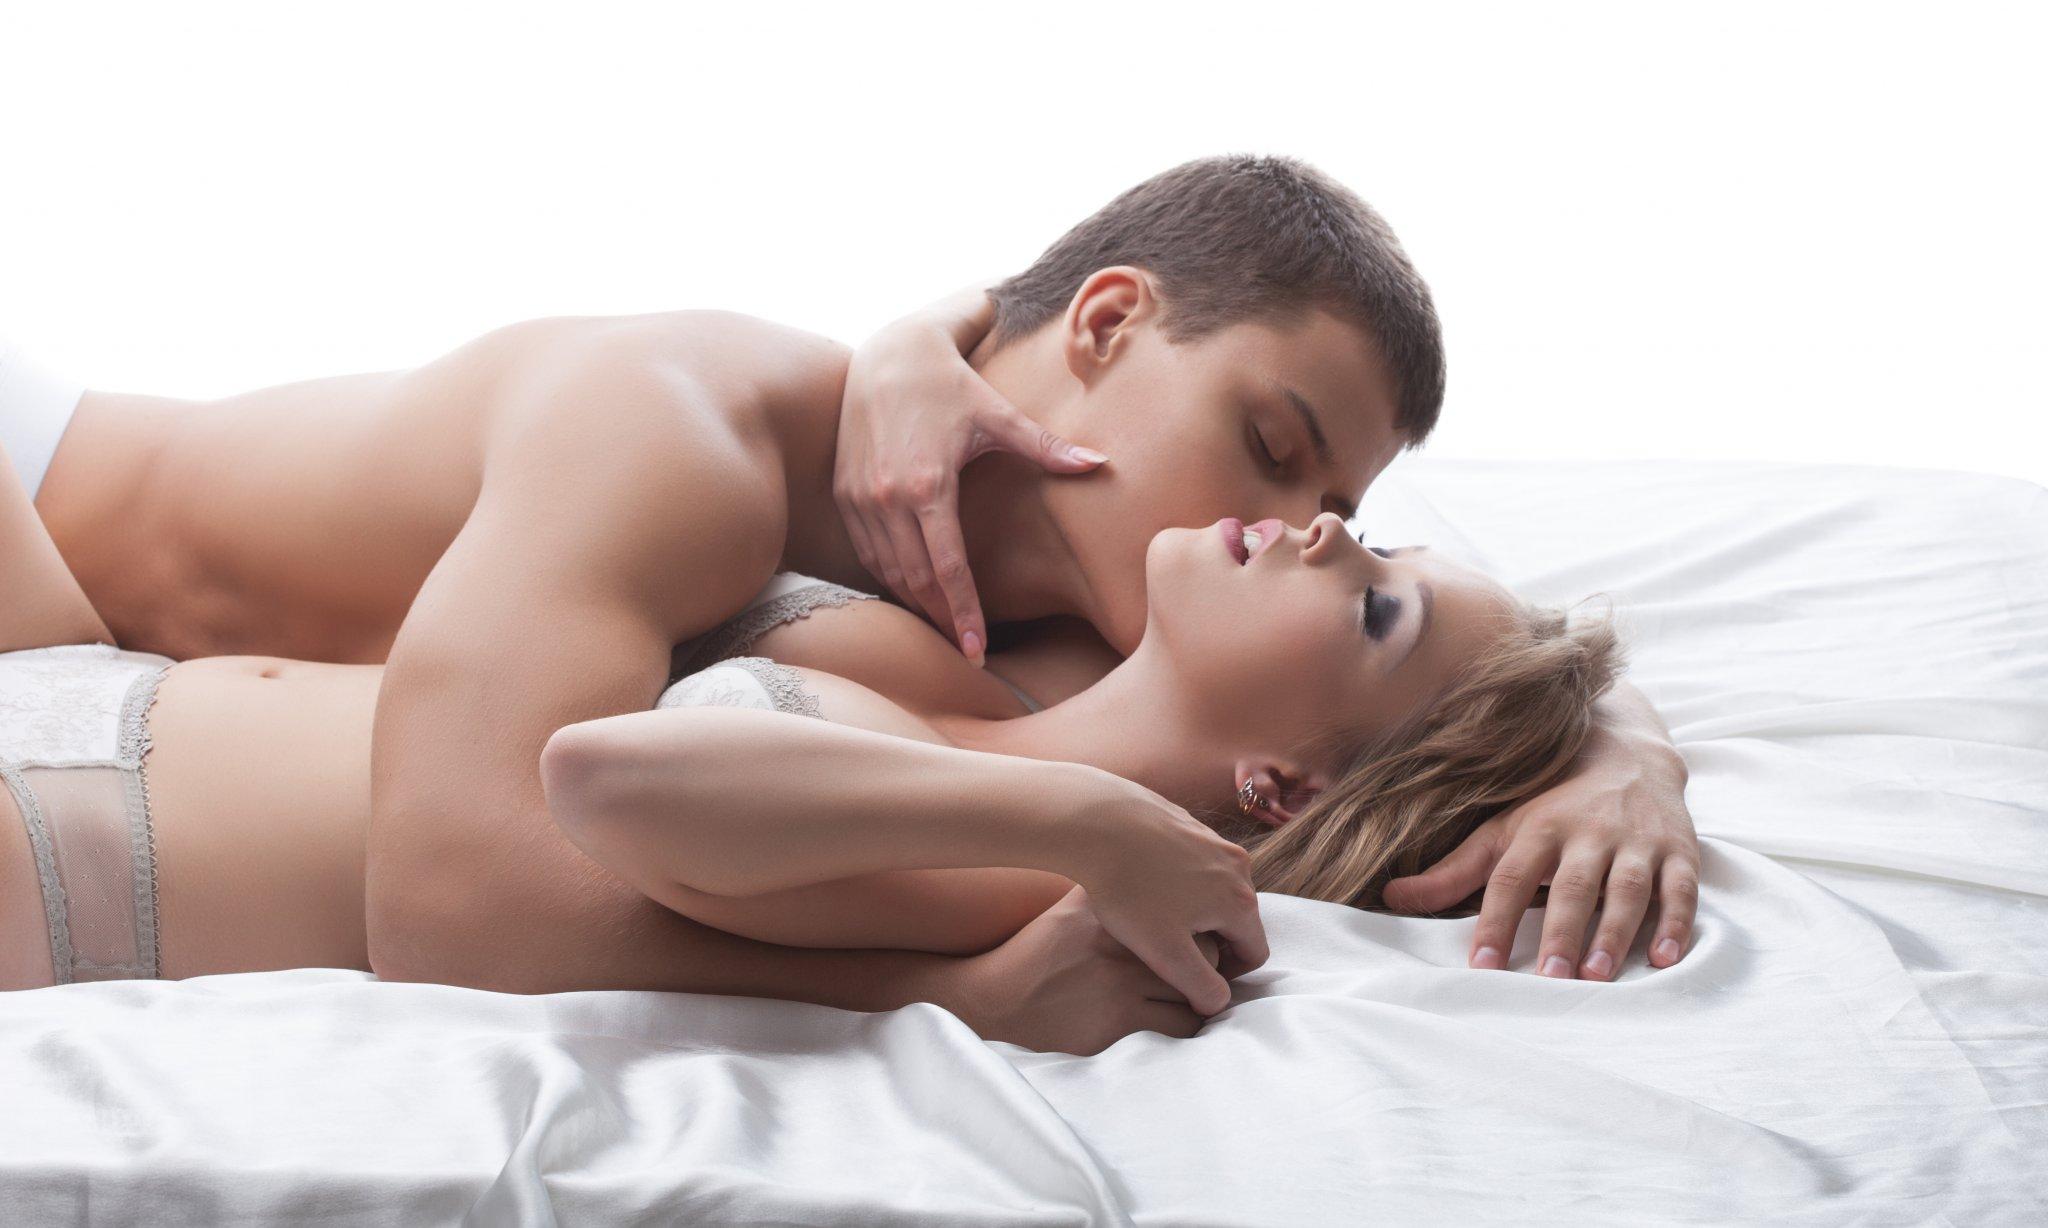 orgazmus nők számára ingyenes mobil pornó videofilmek